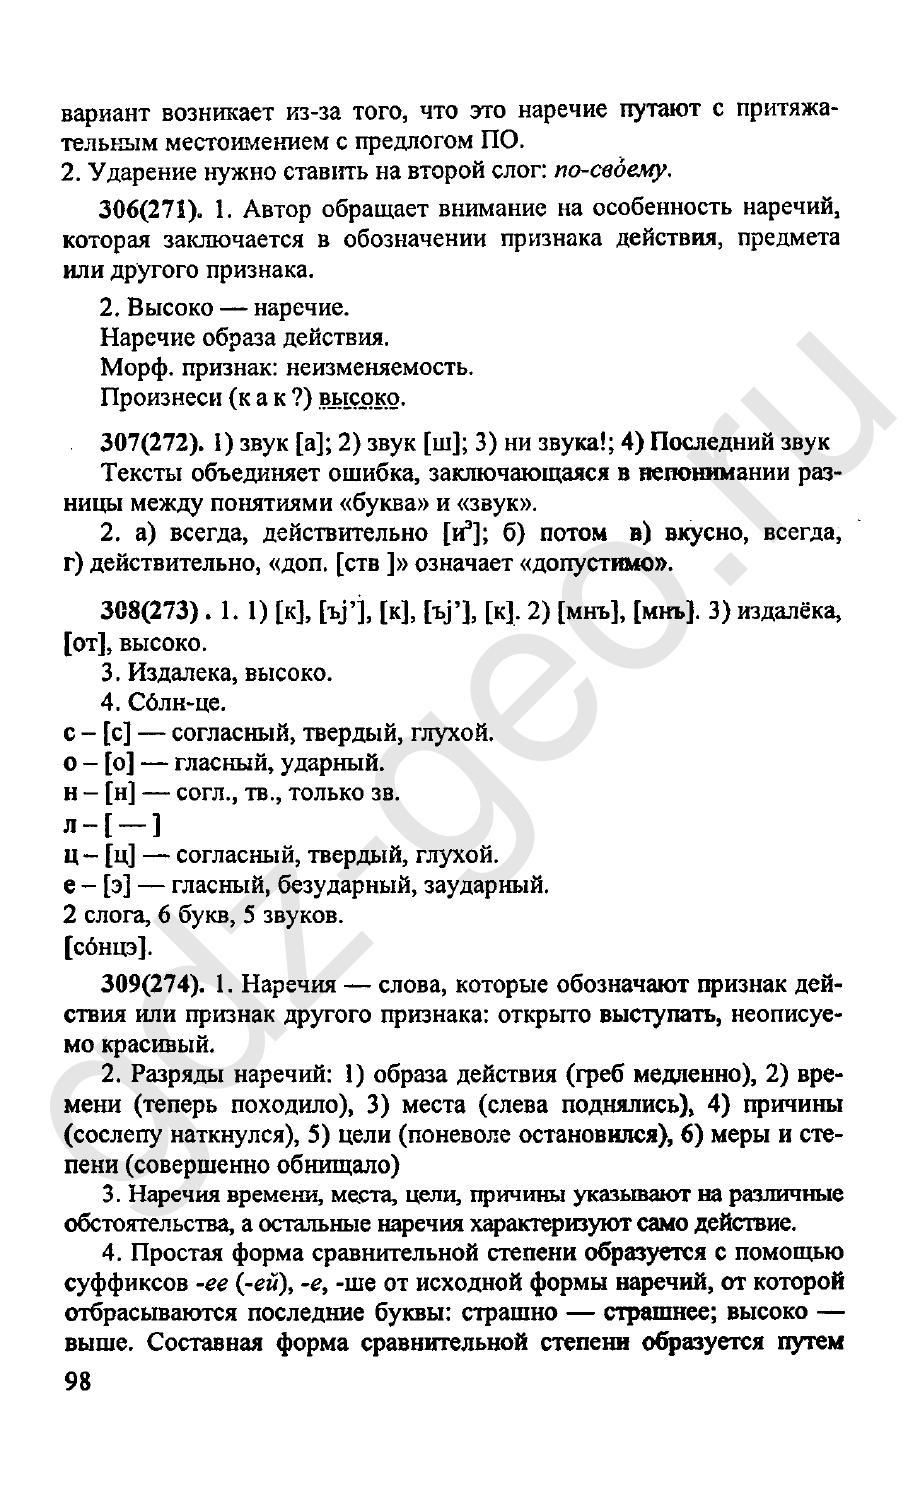 гдз по русскому 7 класс львов 2007 год